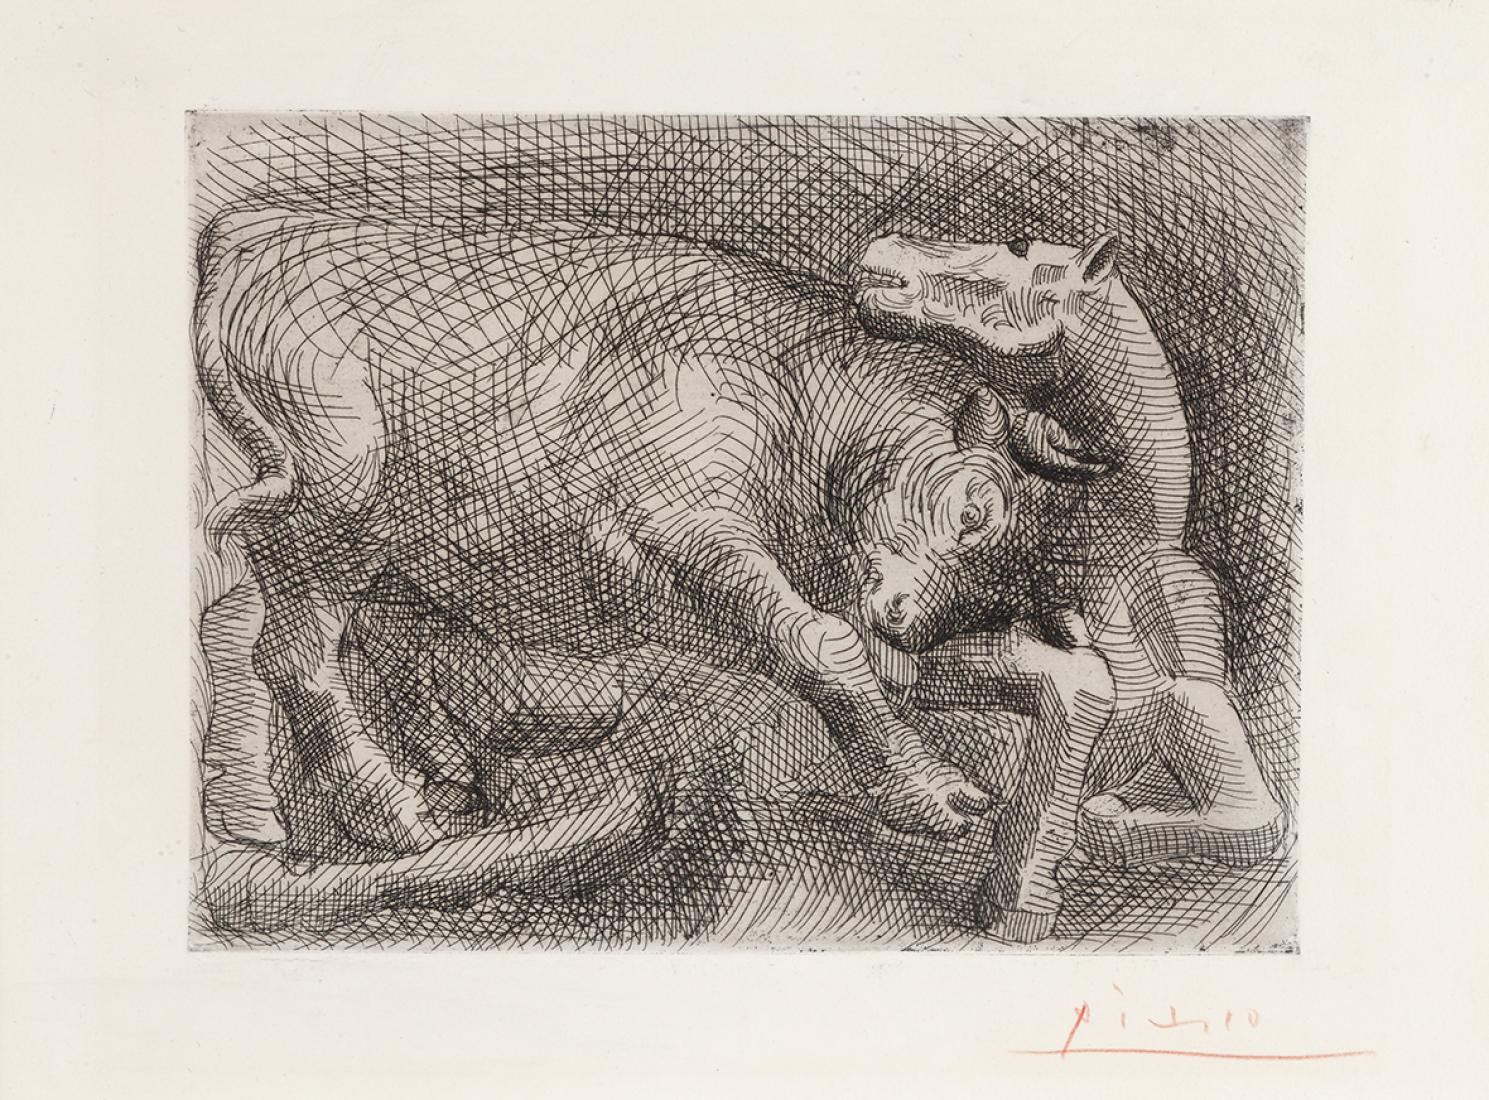 Toro atacando un caballo, Pablo Ruiz Picasso, 1921. Imagen cortesía de Galería Guillermo de Osma. Señala encima de la imagen para verla más grande.